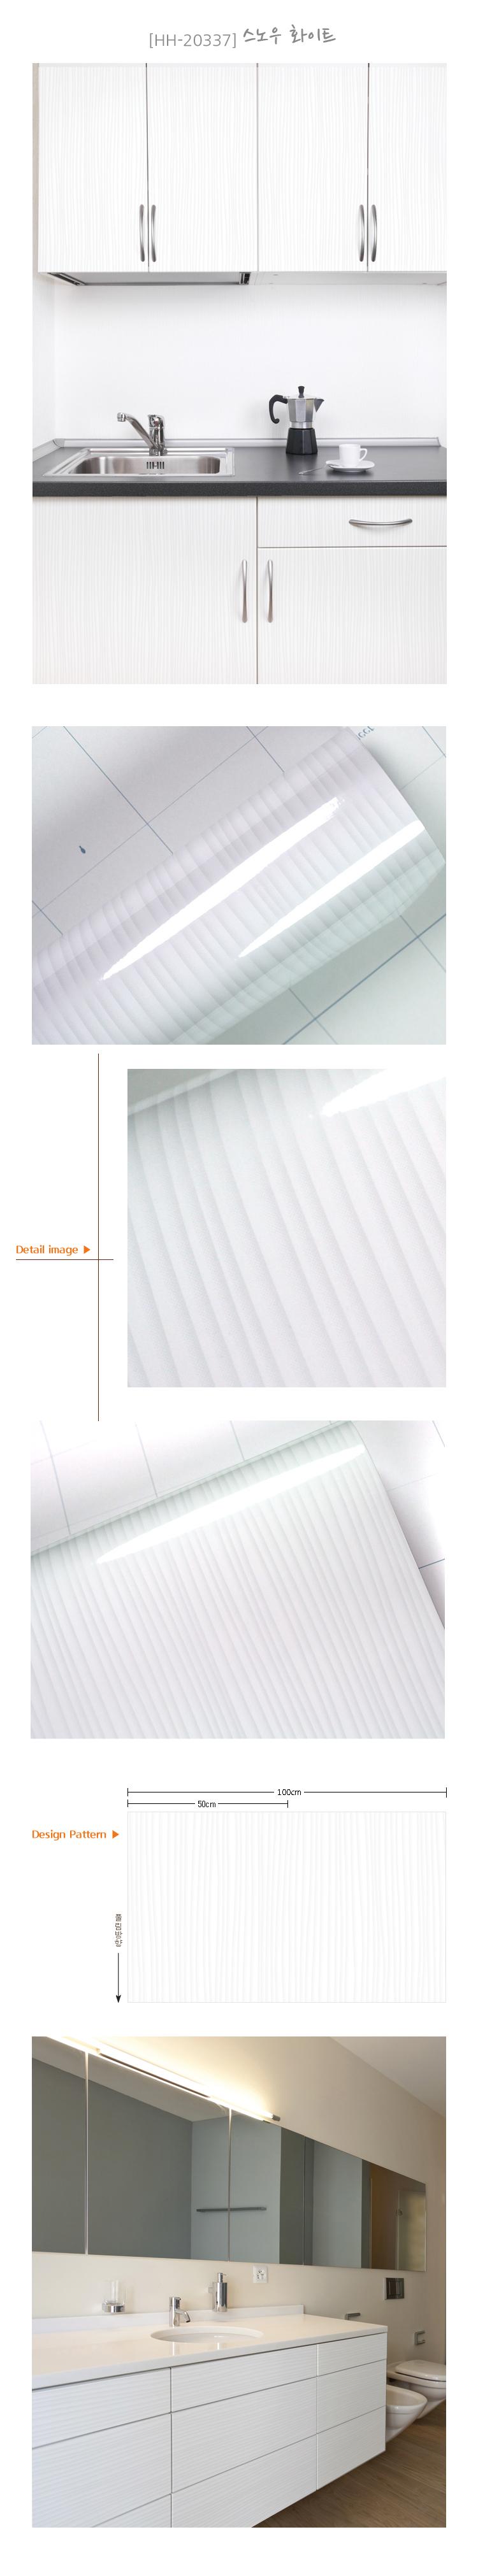 고광택시트지(HH-20337)-[폭]100cm 스노우 화이트 - 데코사랑, 7,530원, 벽지/시트지, 패턴/무늬목 시트